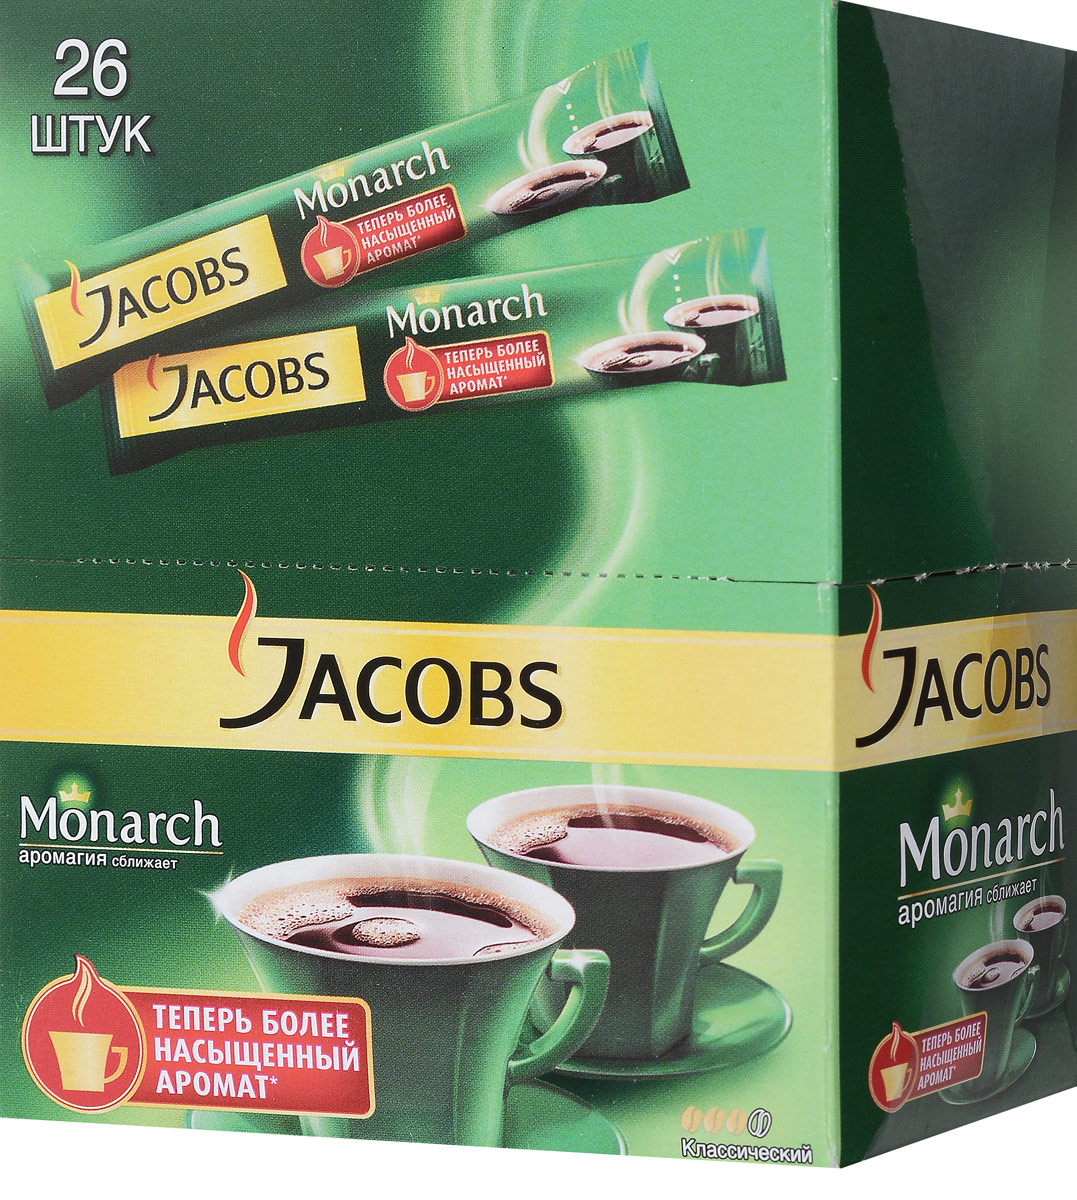 Jacobs Monarch кофе растворимый в пакетиках, 26 шт0120710Jacobs Monarch обладает богатым, классическим вкусом и притягательным ароматом благодаря искусному сочетанию отборных кофейных зерен и глубокой обжарке. Почувствуйте как его Аромагия заполняет все вокруг, создавая атмосферу теплоты и общения.Уважаемые клиенты! Обращаем ваше внимание на то, что упаковка может иметь несколько видов дизайна. Поставка осуществляется в зависимости от наличия на складе.